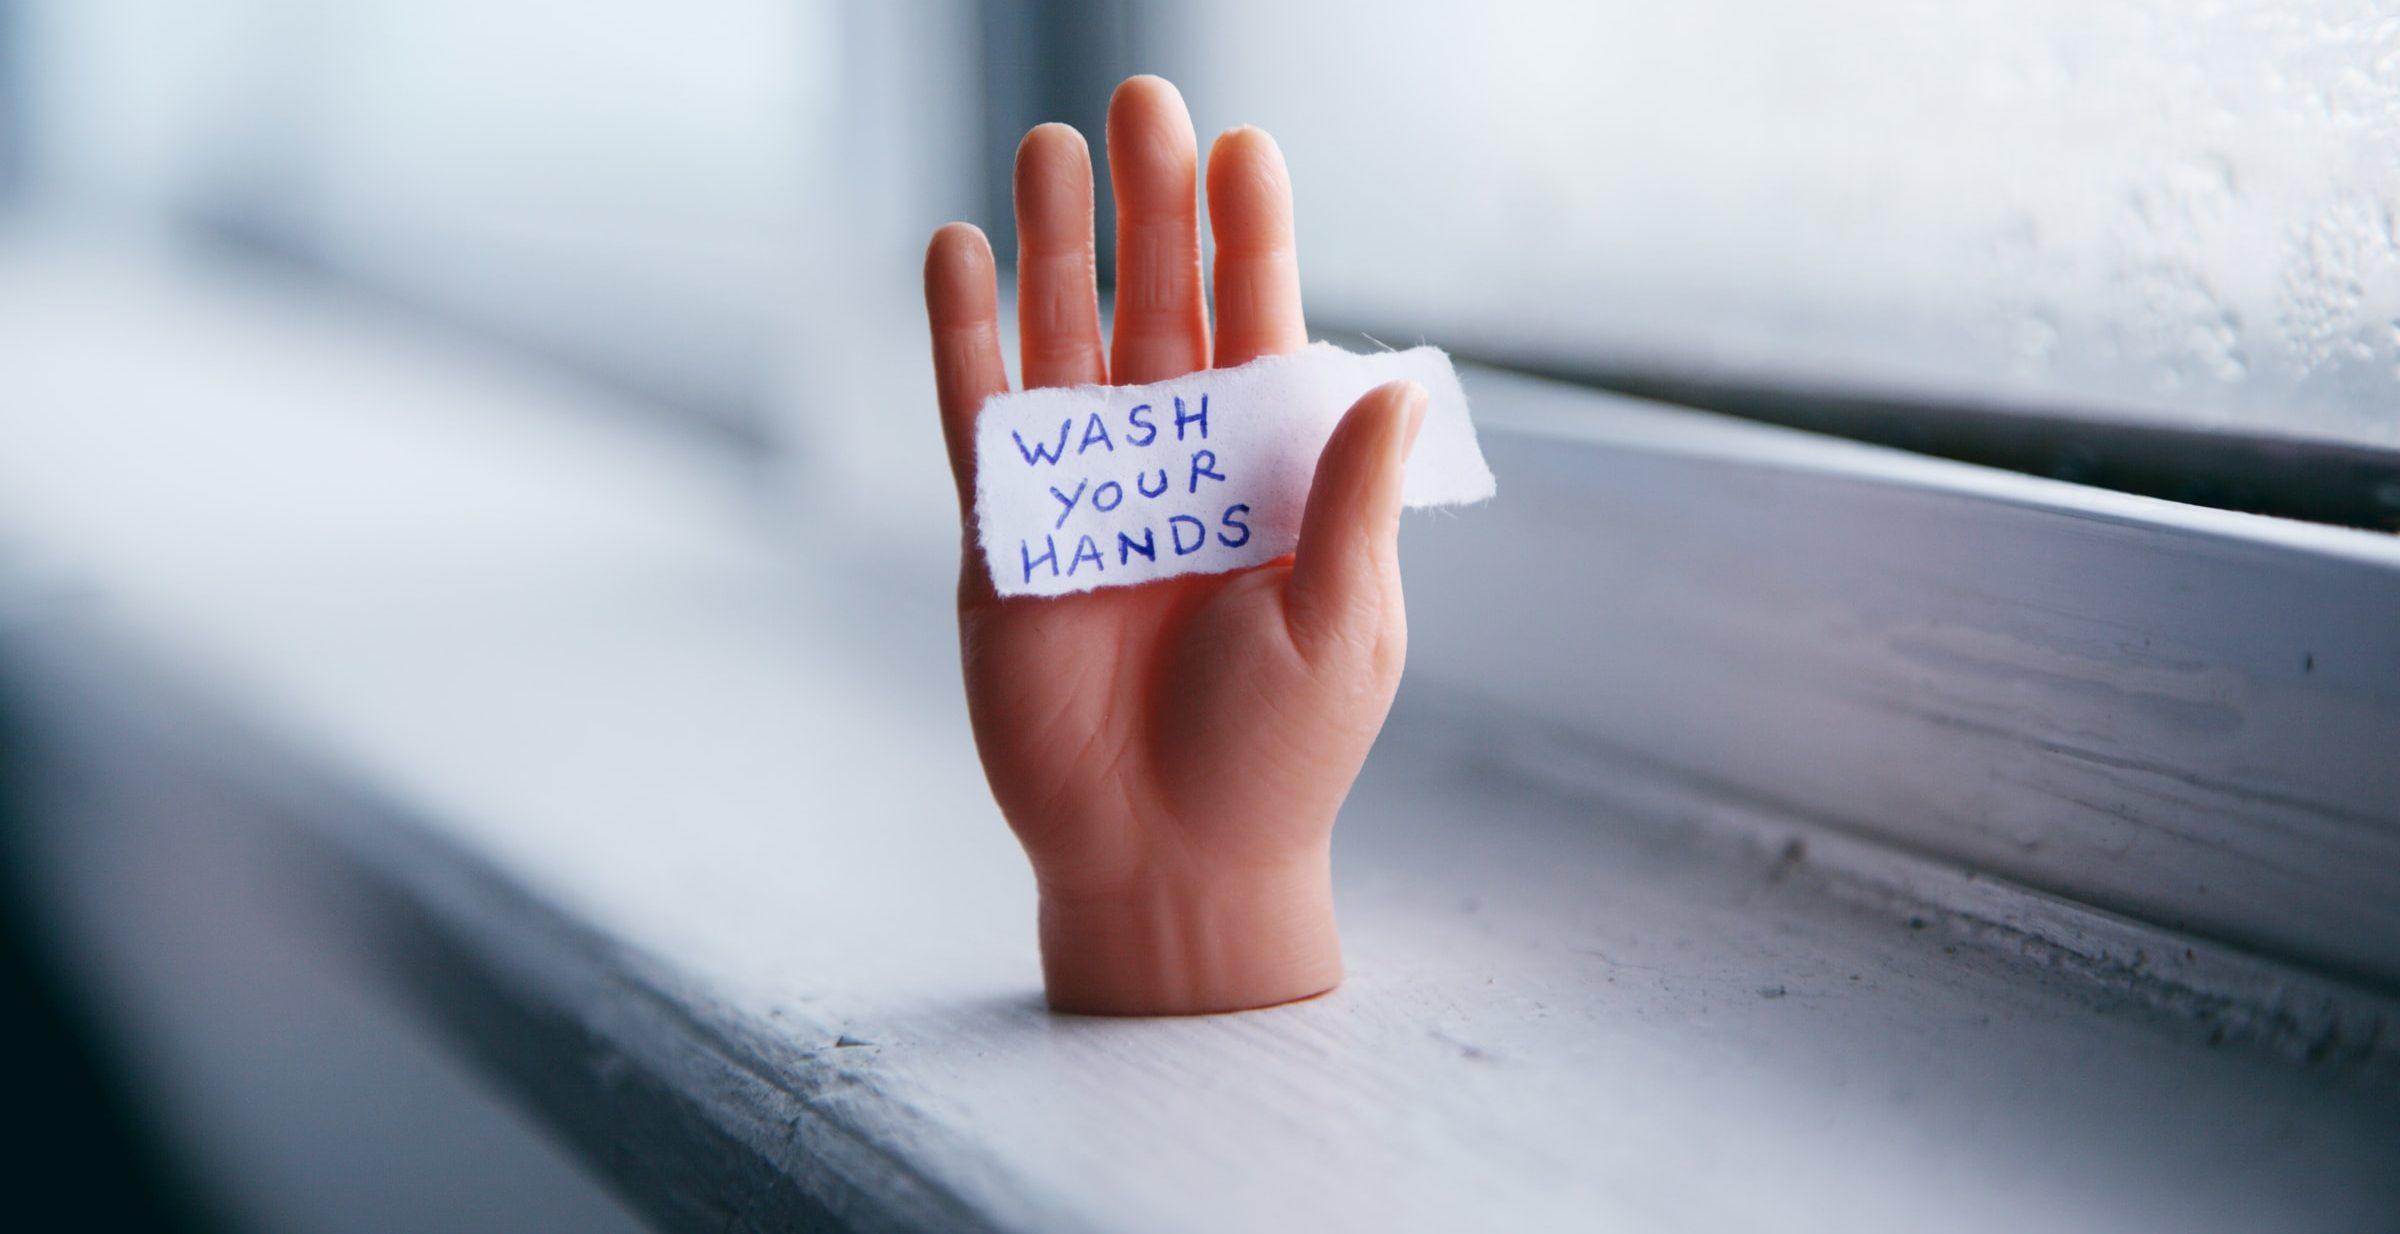 Trabajo sexual en la pandemia: cámaras, distancia… y mucho jabón